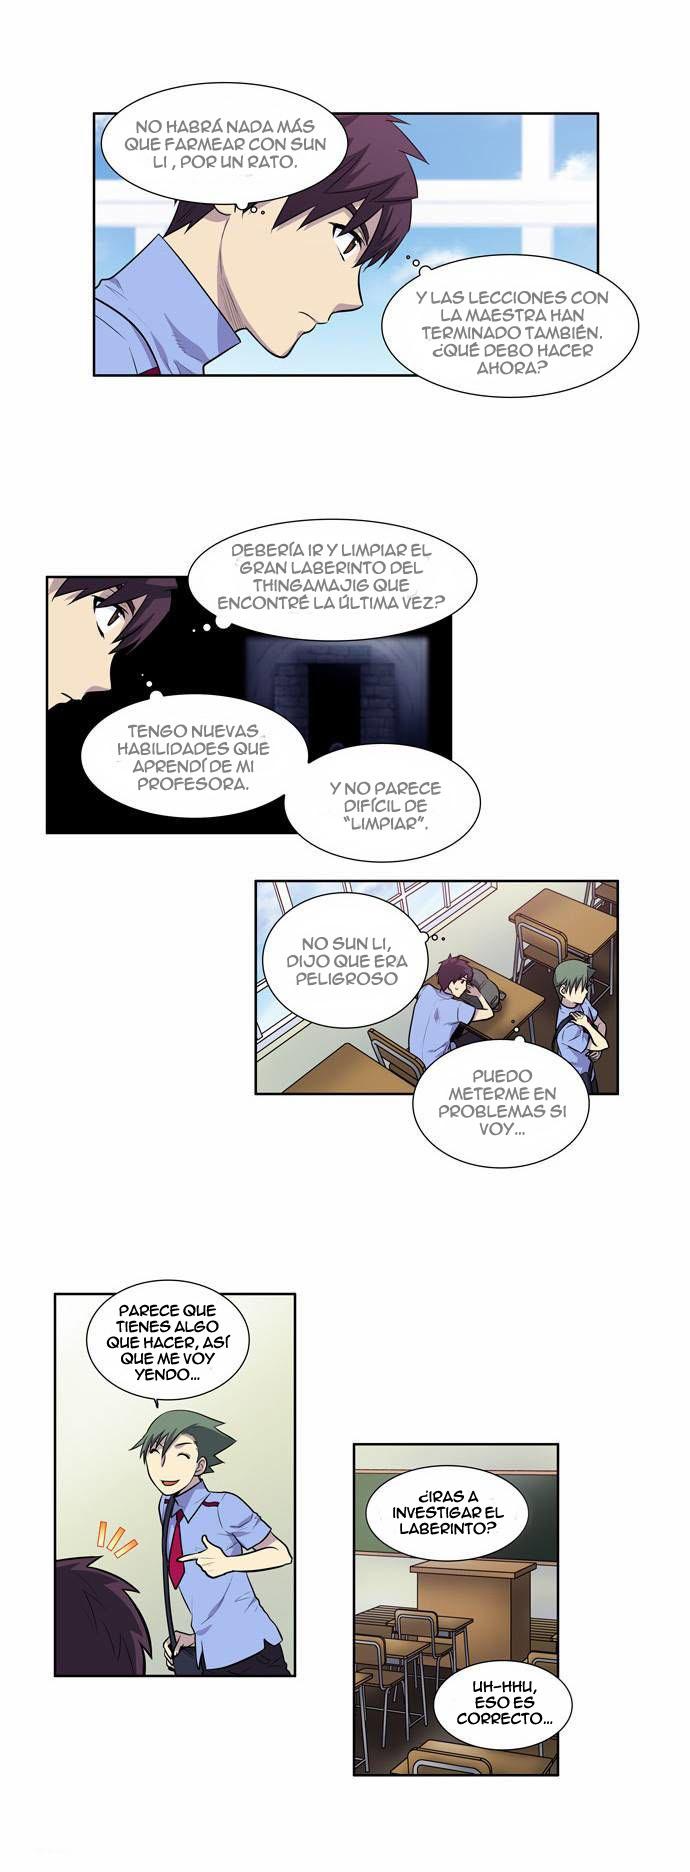 http://c5.ninemanga.com/es_manga/61/1725/414750/823941cb1e033fda6b9962f7fc0784cf.jpg Page 3